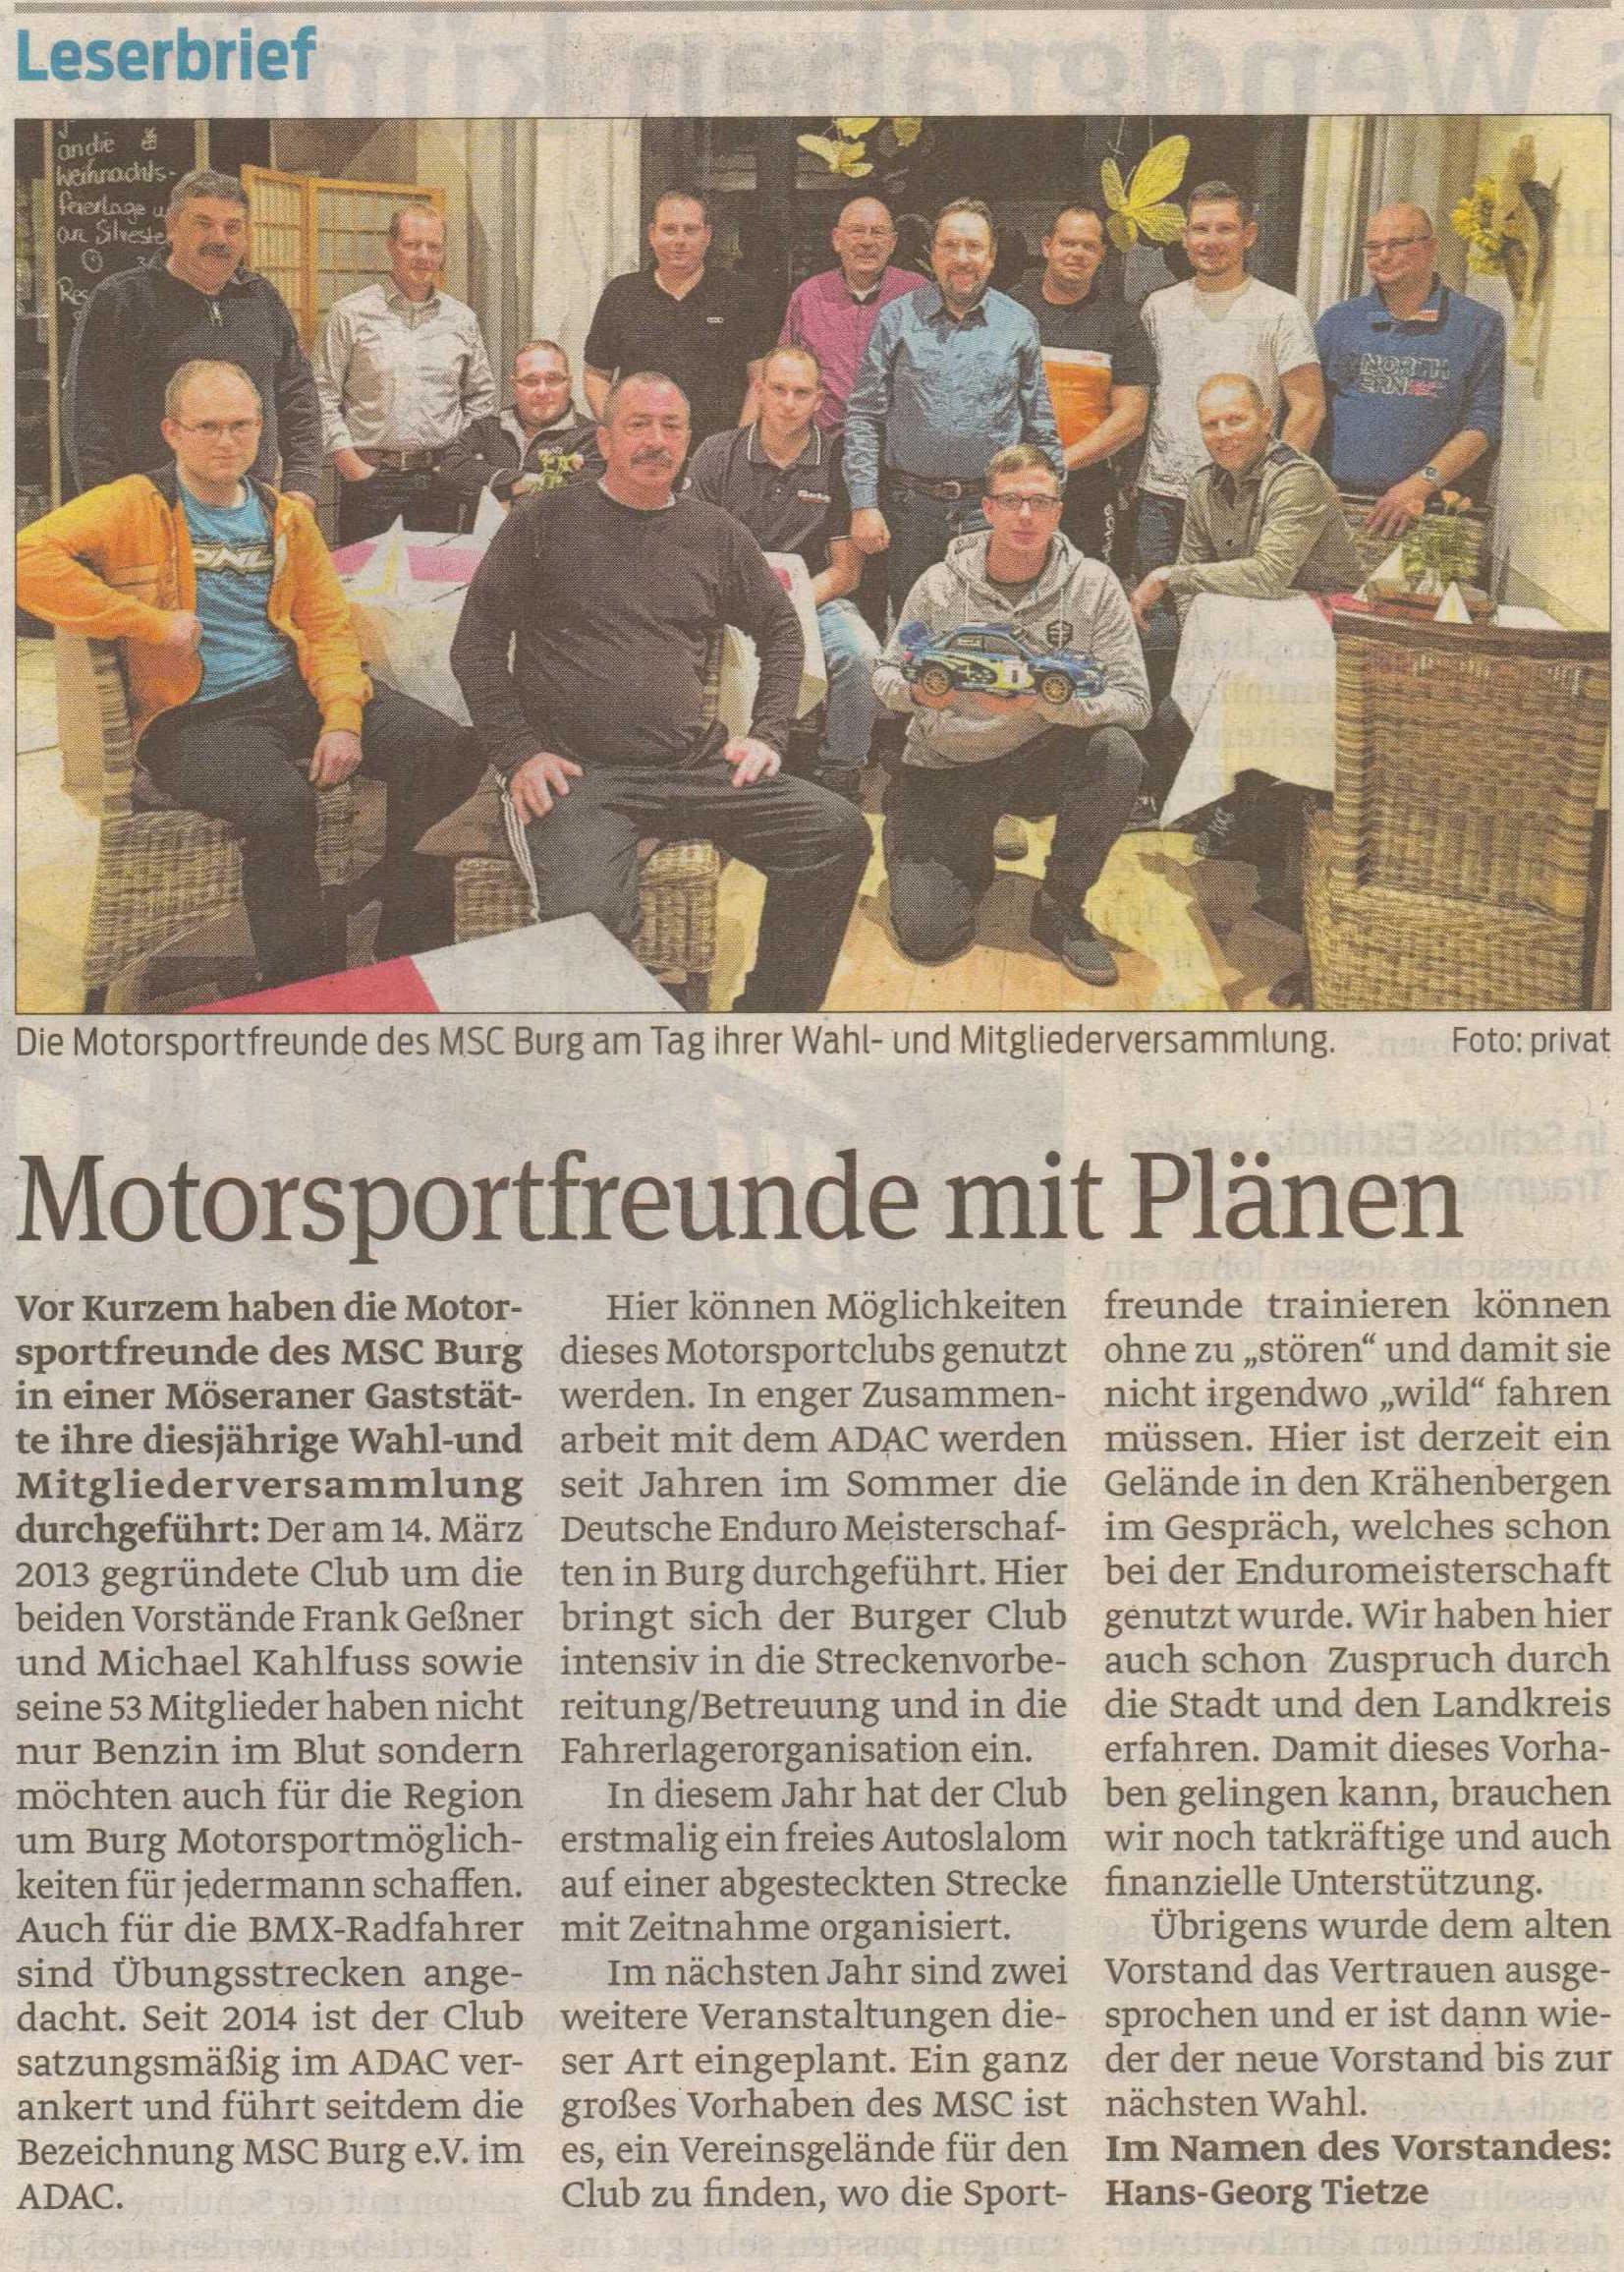 MSC Burg Volksstimme 21.11.15